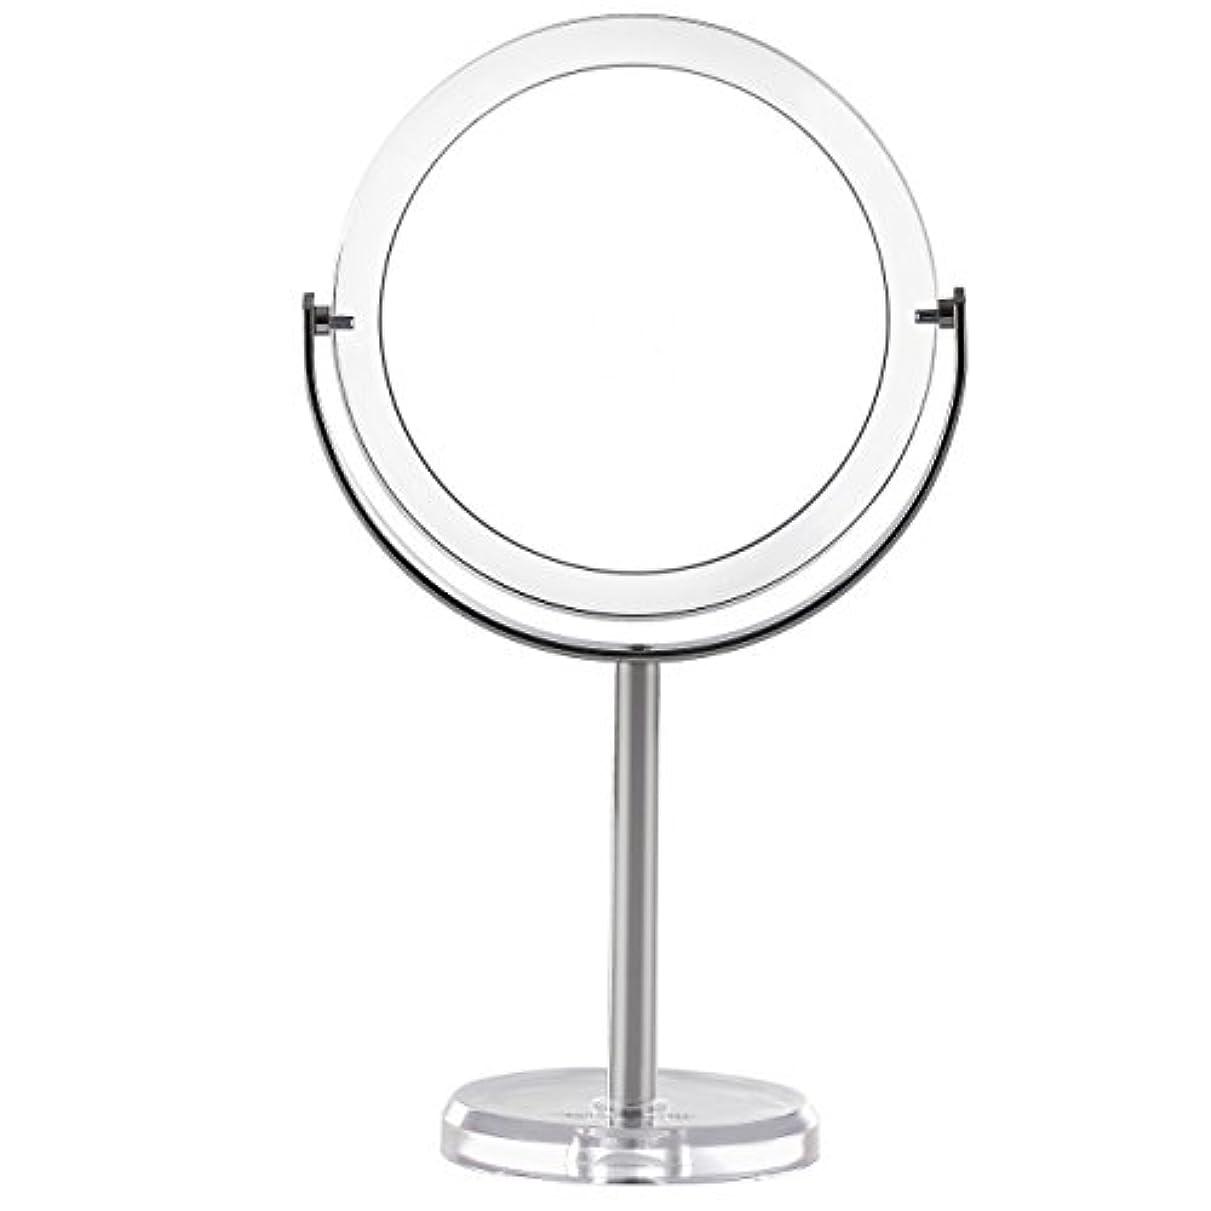 出くわすカテゴリーそれに応じてMiss Sweet スタンドミラー 両面鏡 1倍*10倍拡大鏡 (Color 1)